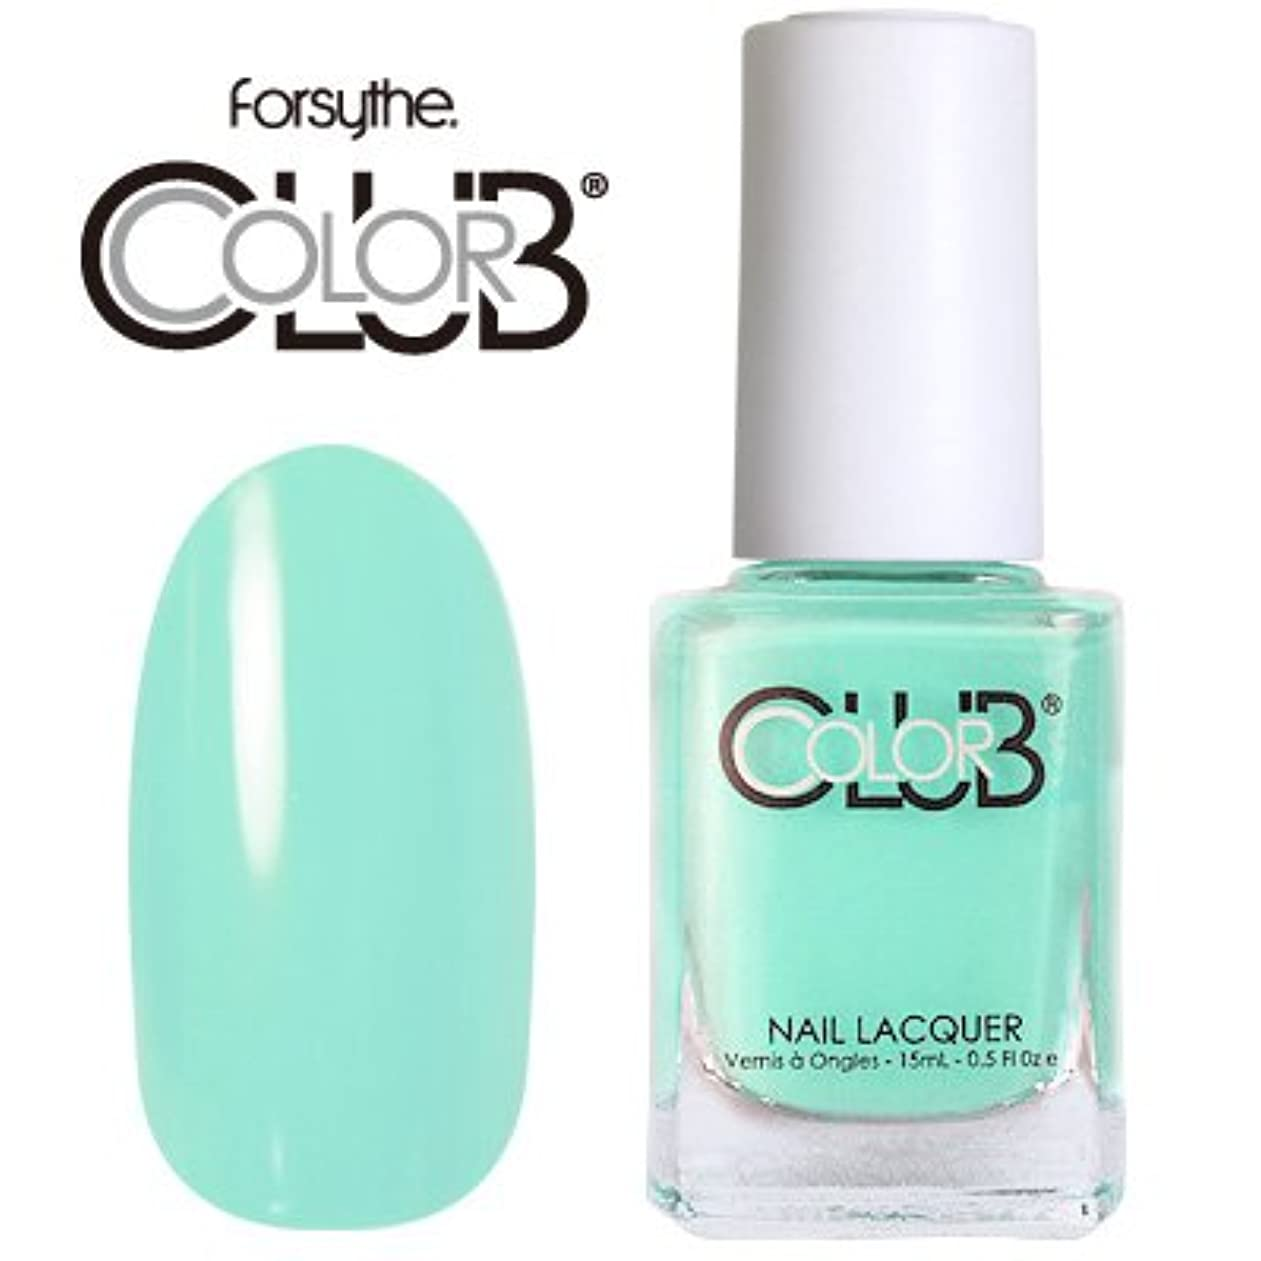 邪魔続編イタリアのフォーサイス カラークラブ 954/Blue-ming 【forsythe COLOR CLUB】【ネイルラッカー】【マニキュア】